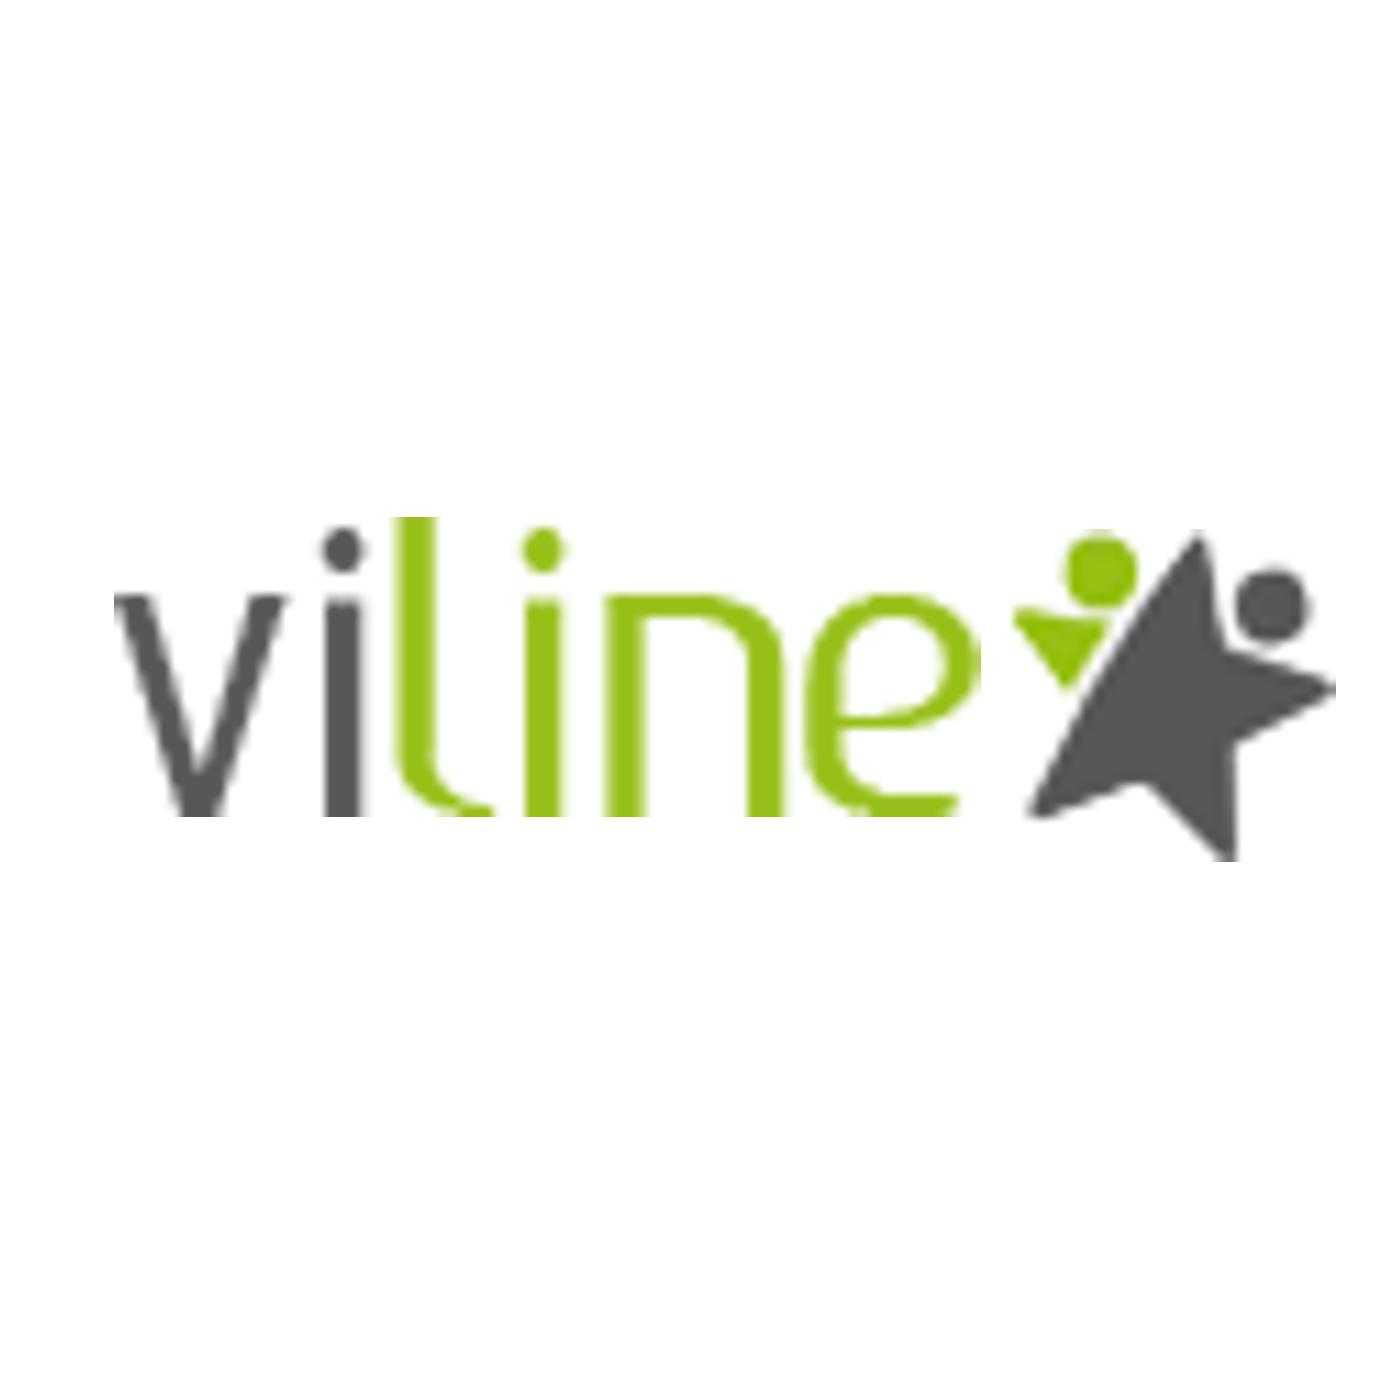 ViLine.tv - бесплатные занятия для мам и пап